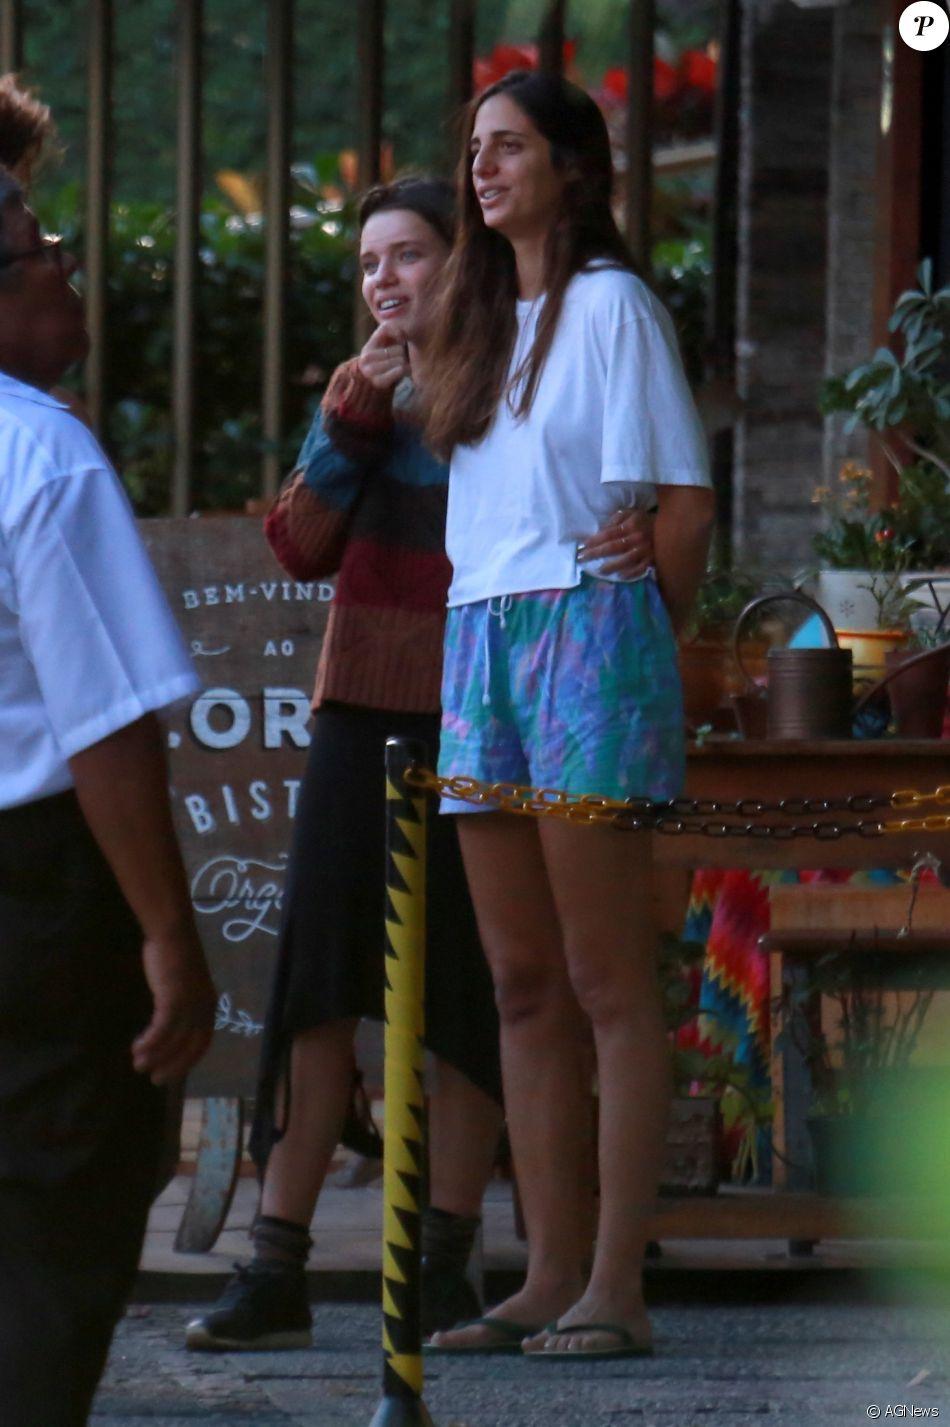 Bruna Linzmeyer comentou a relação com a namorada, Priscila Visman: É preciso coragem, consciência'